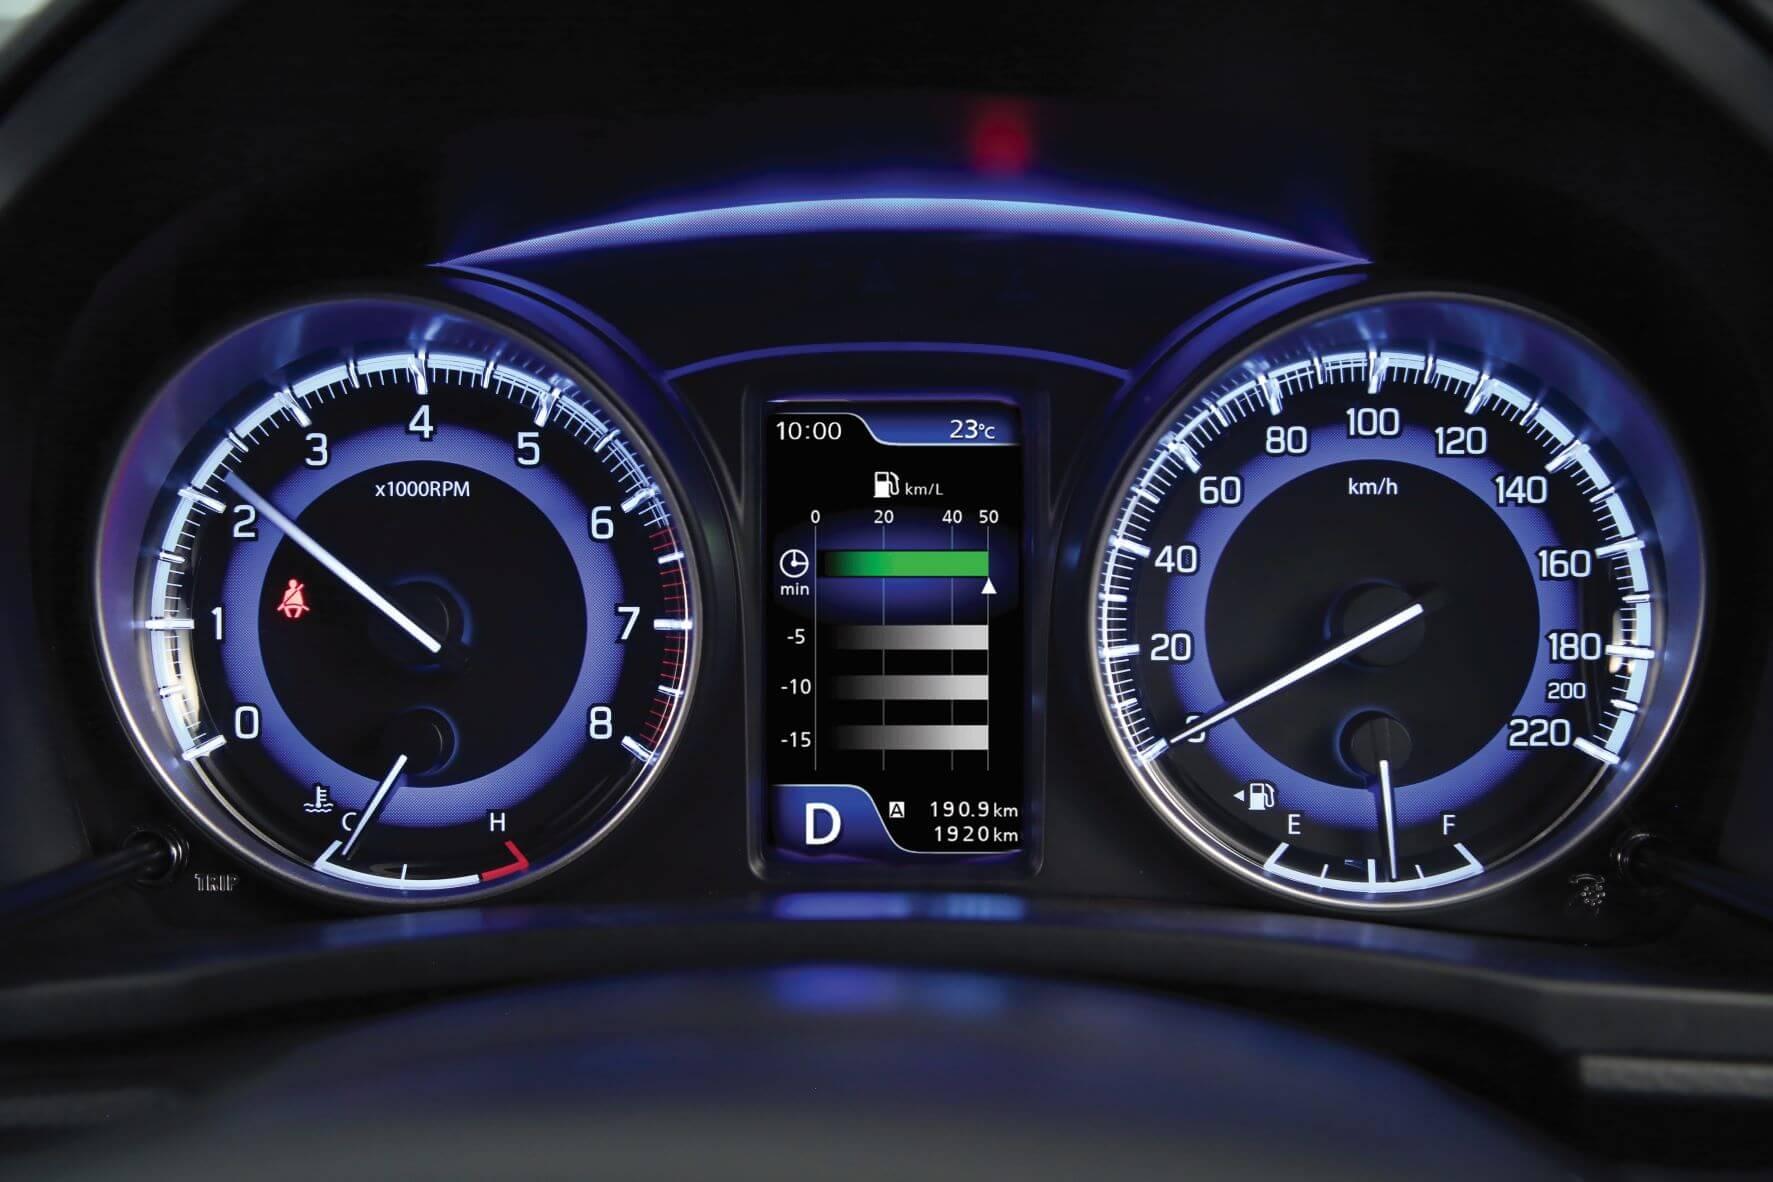 Fuel efficiency 101